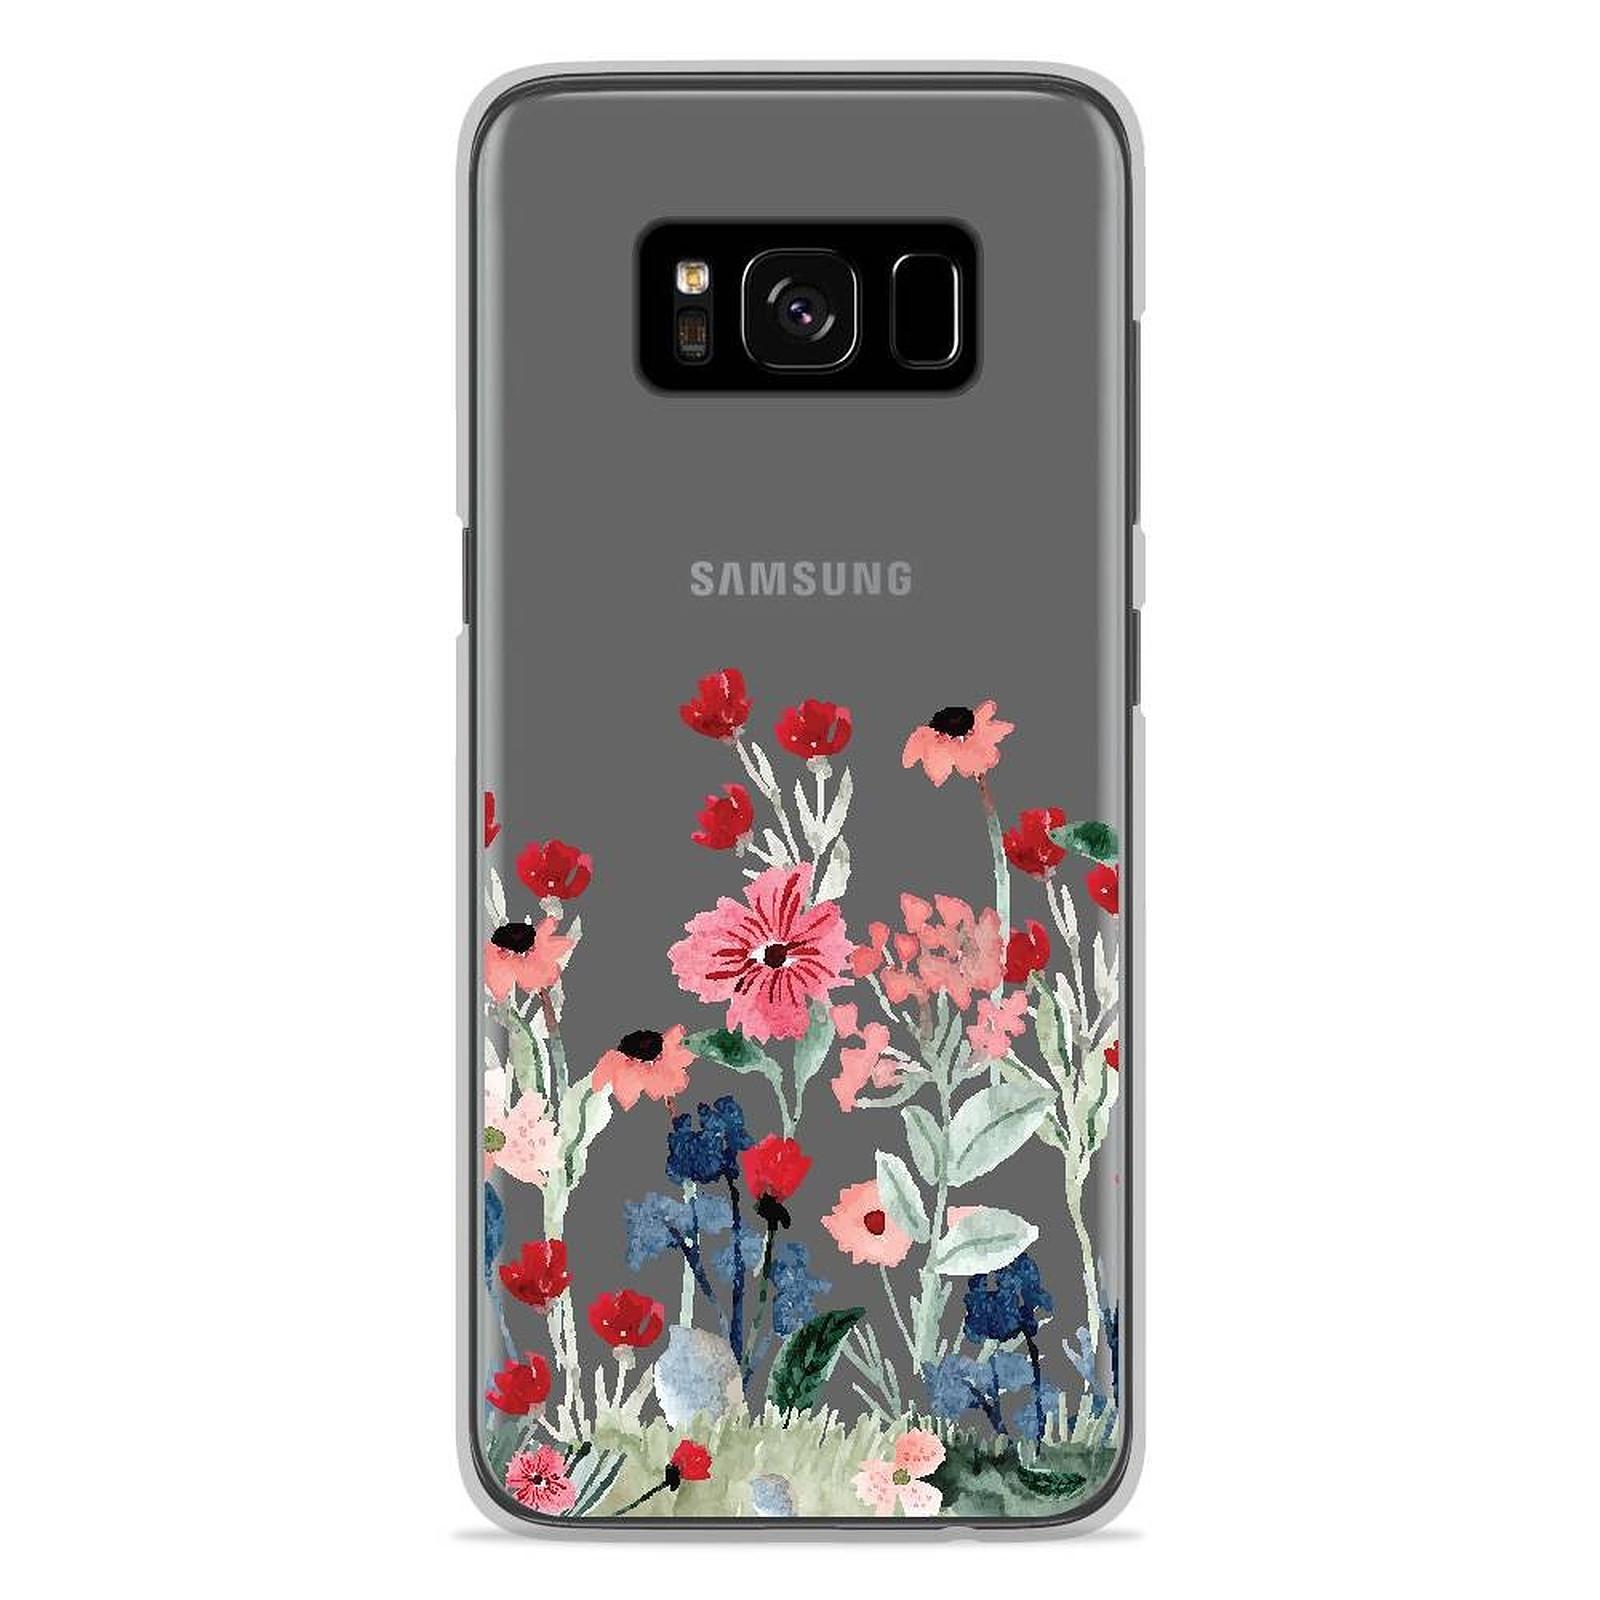 1001 Coques Coque silicone gel Samsung Galaxy S8 motif Printemps en fleurs